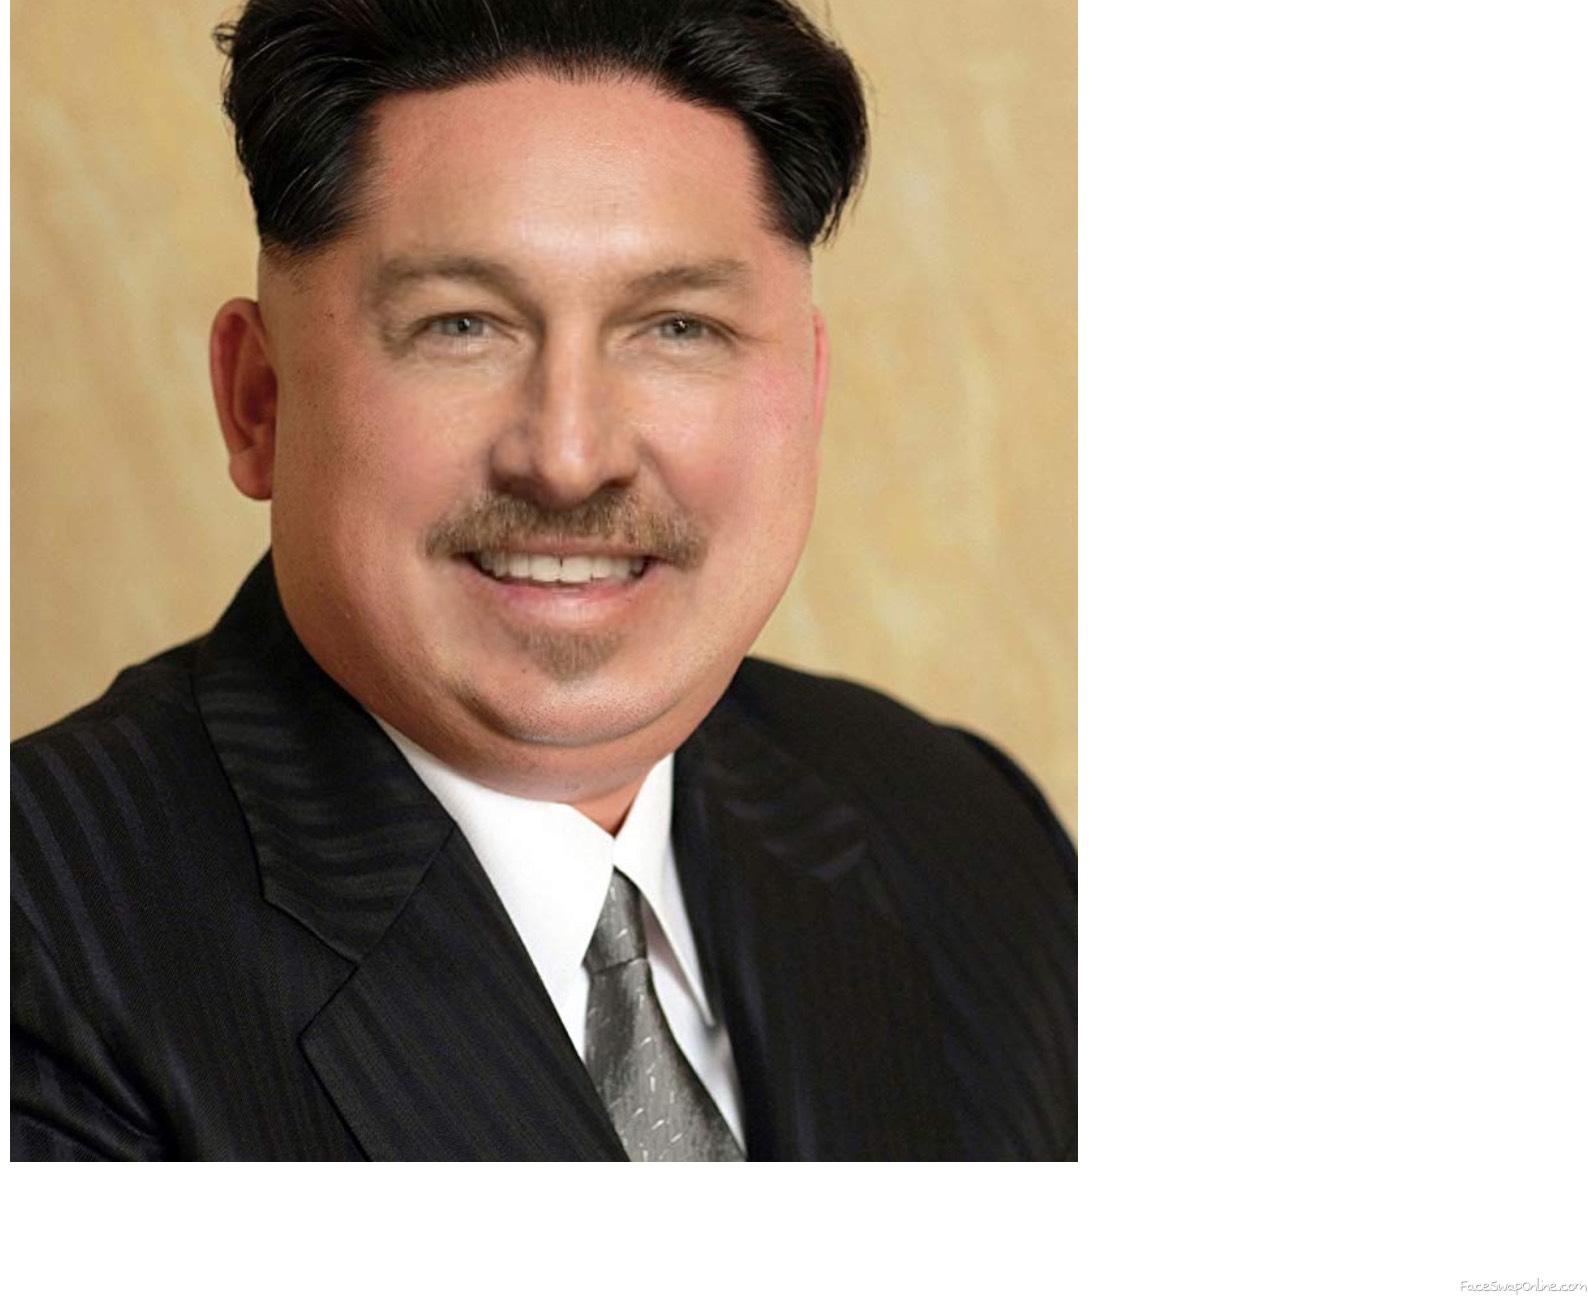 Kim Jong Dave